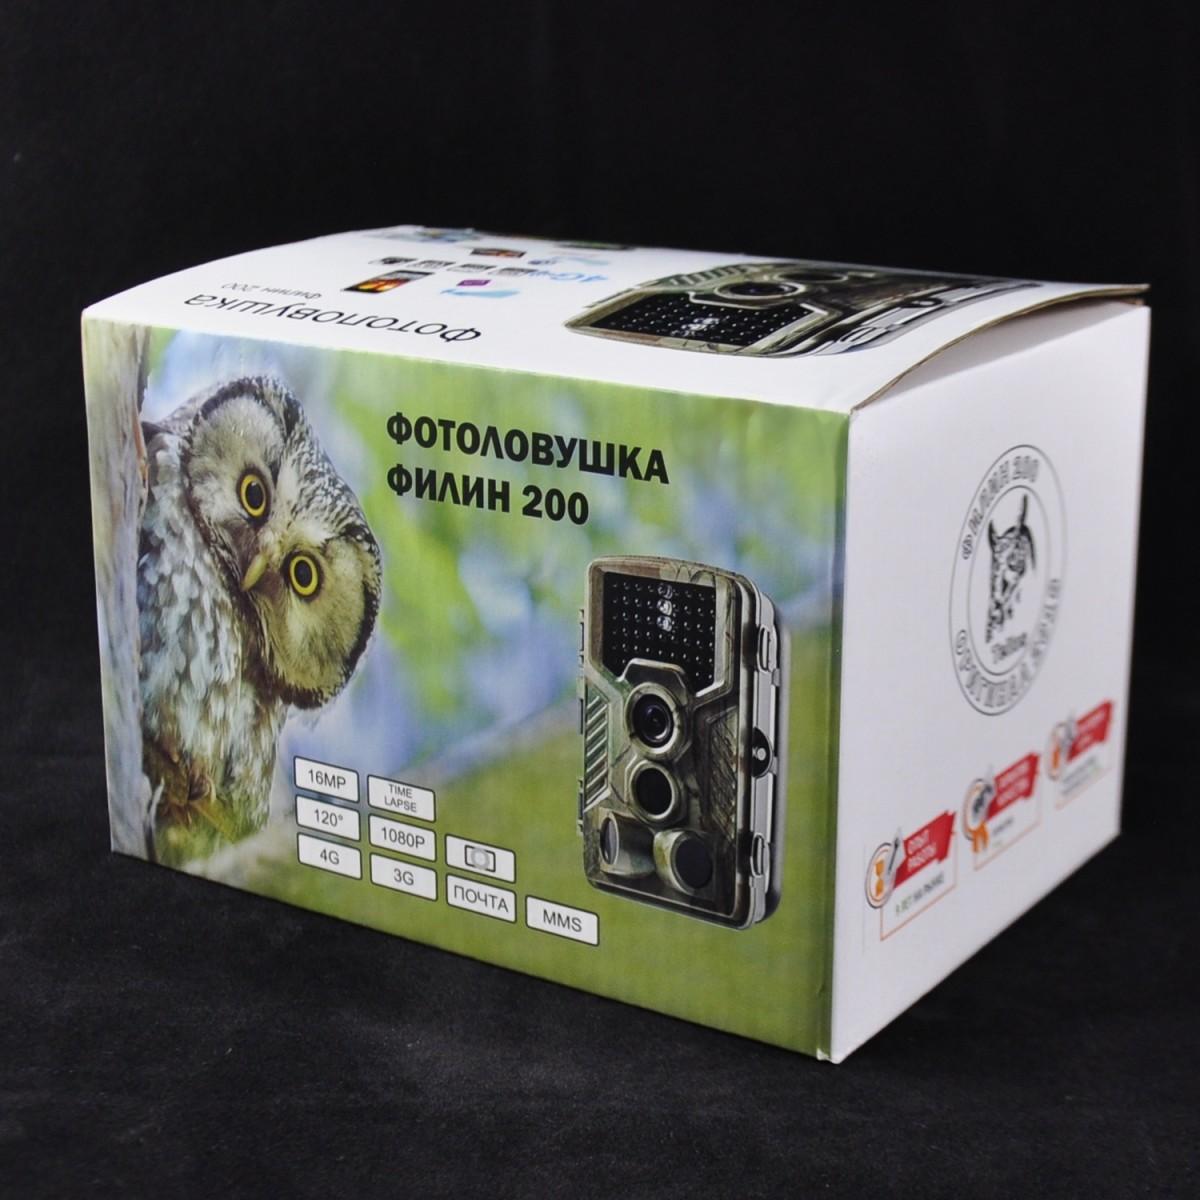 Фотоловушка Филин 200